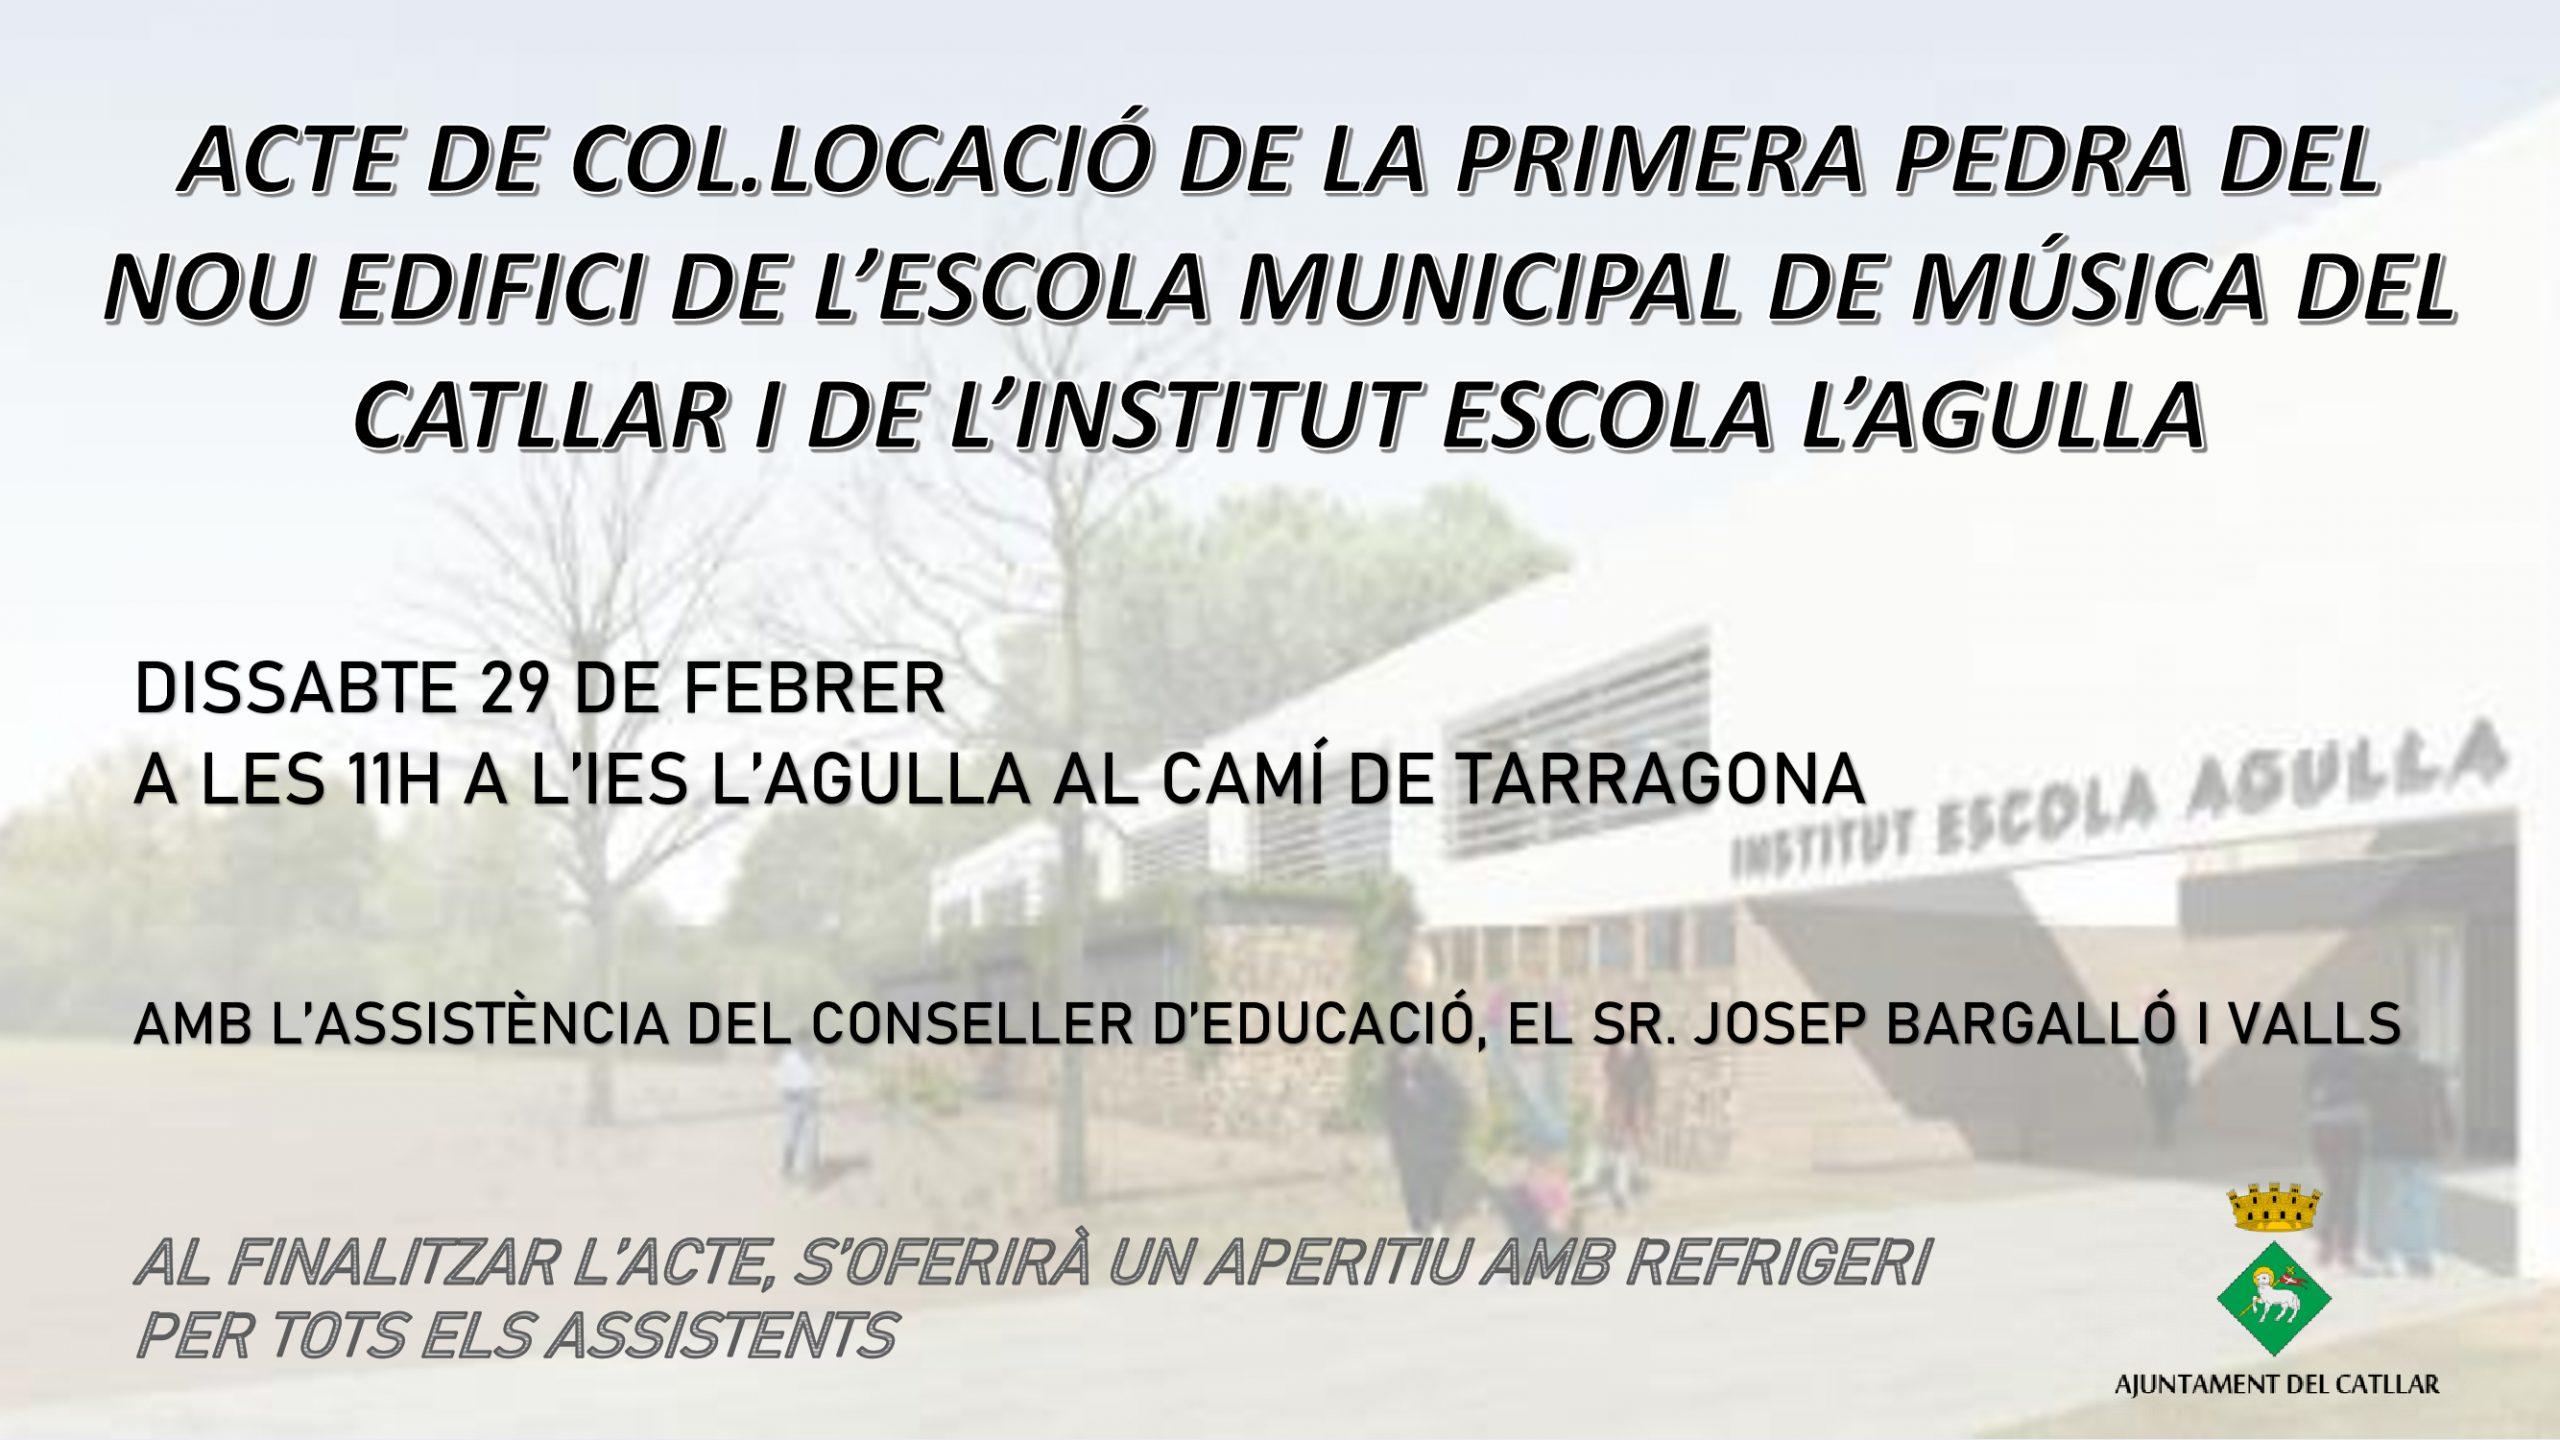 ACTE DE COL.LOCACIÓ DE LA PRIMERA PEDRA DE L' ESCOLA MUNICIPAL DE MÚSICA DEL CATLLAR I L'INSTITUT ESCOLA L'AGULLA